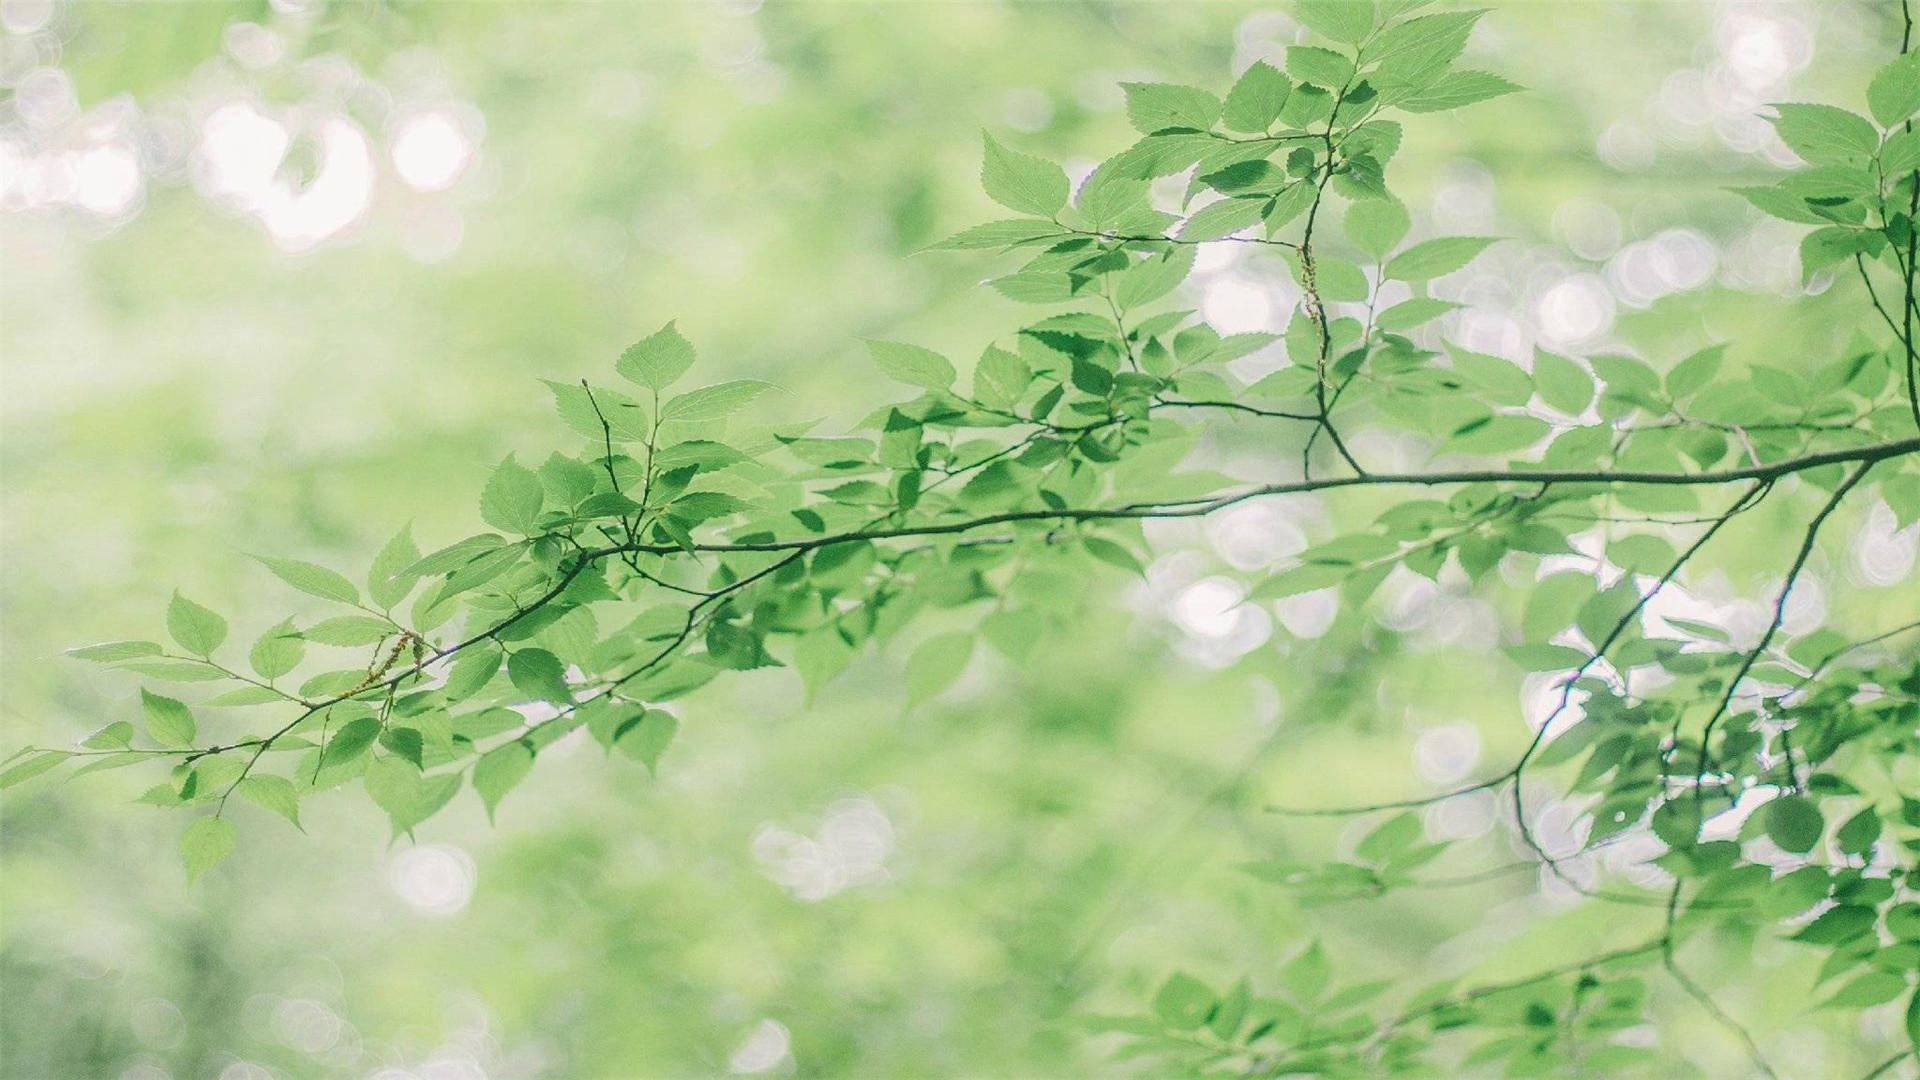 小清新绿色护眼素雅植物桌面壁纸下载